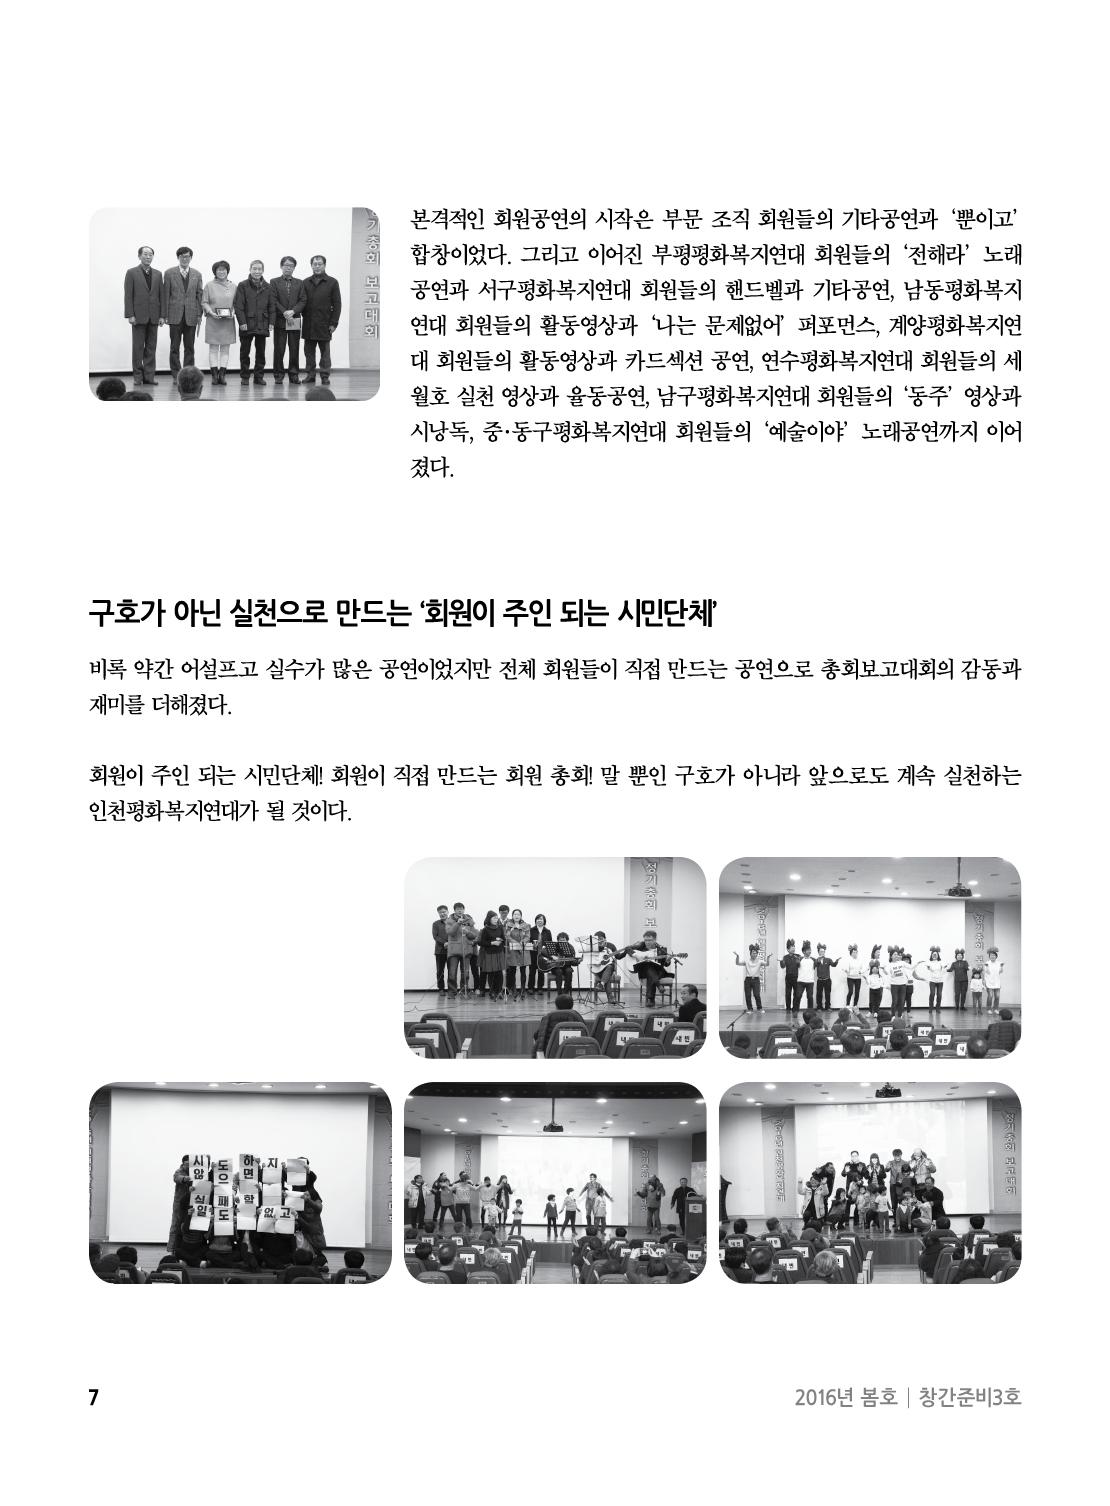 아웃라인 인천평화복지연대 소식지창간준비3호7.jpg